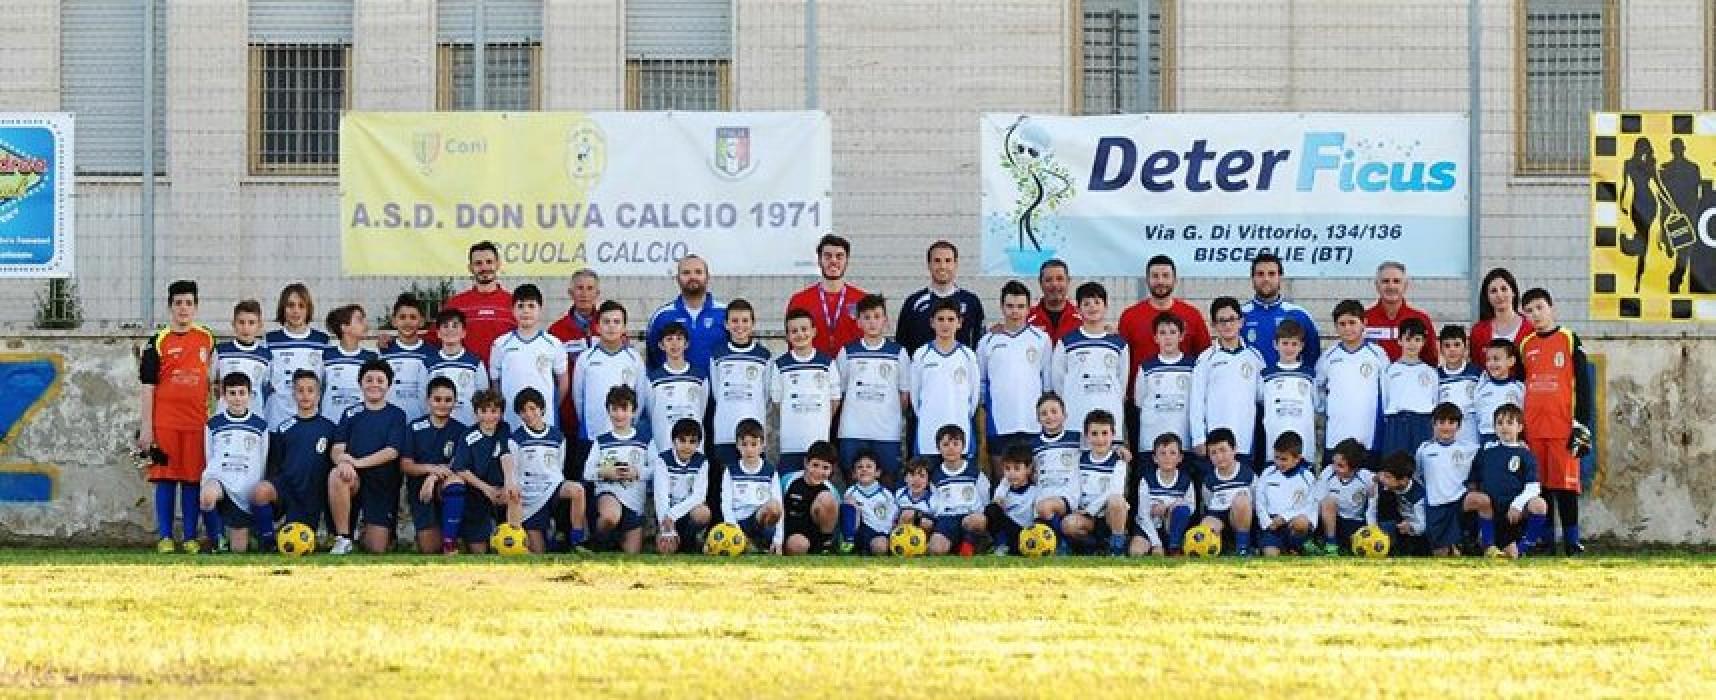 Parte oggi la nuova stagione per il settore giovanile del Don Uva